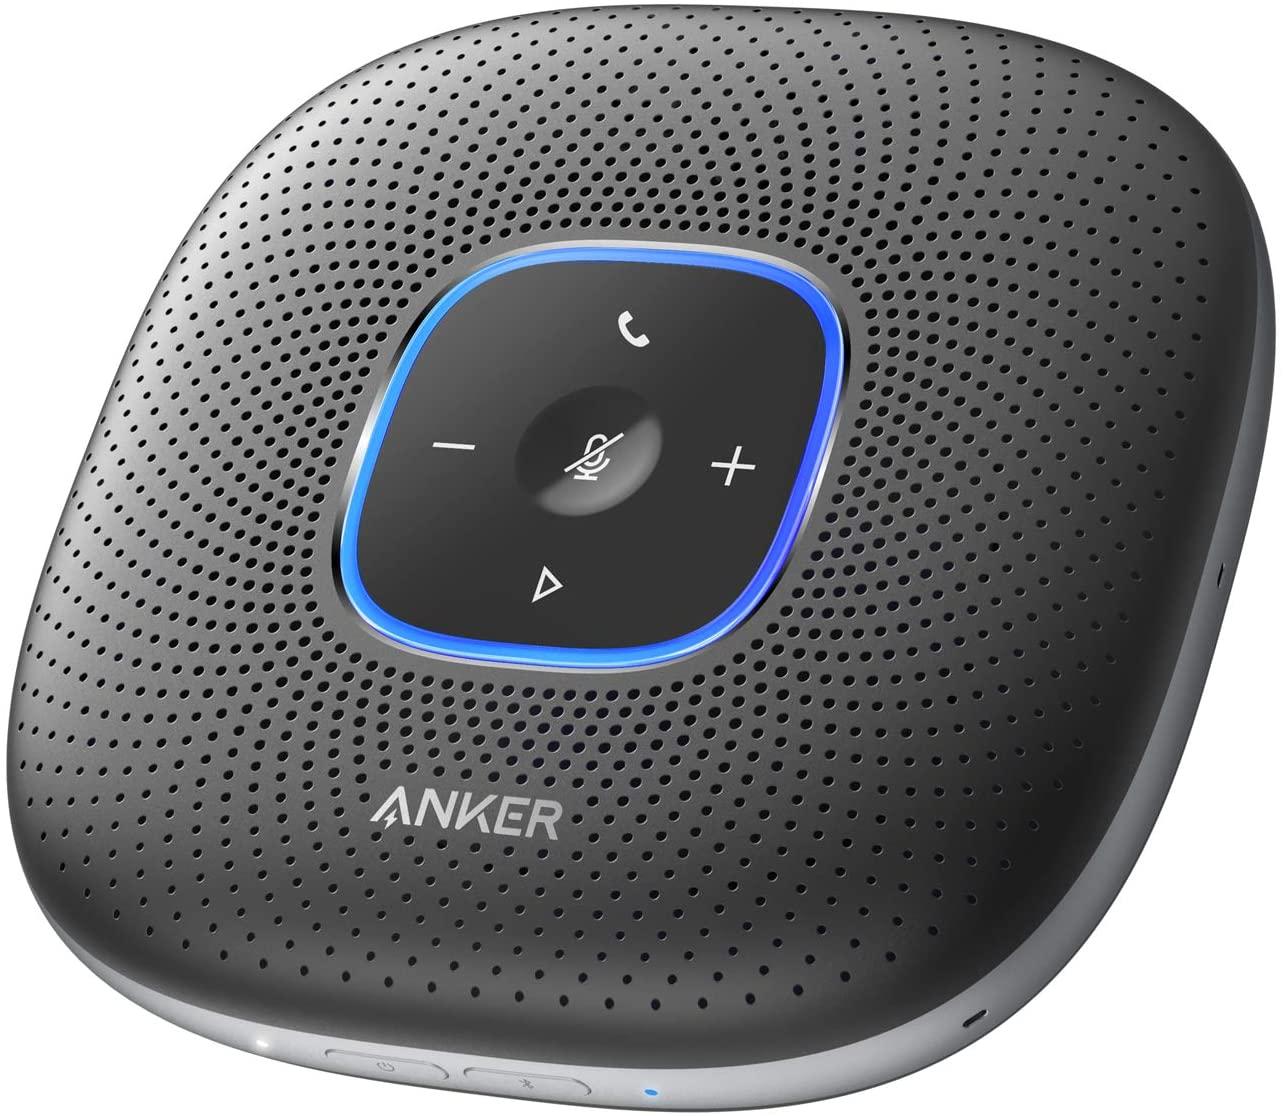 アマゾンでAnker PowerConf, スピーカーフォン がタイムセール中。